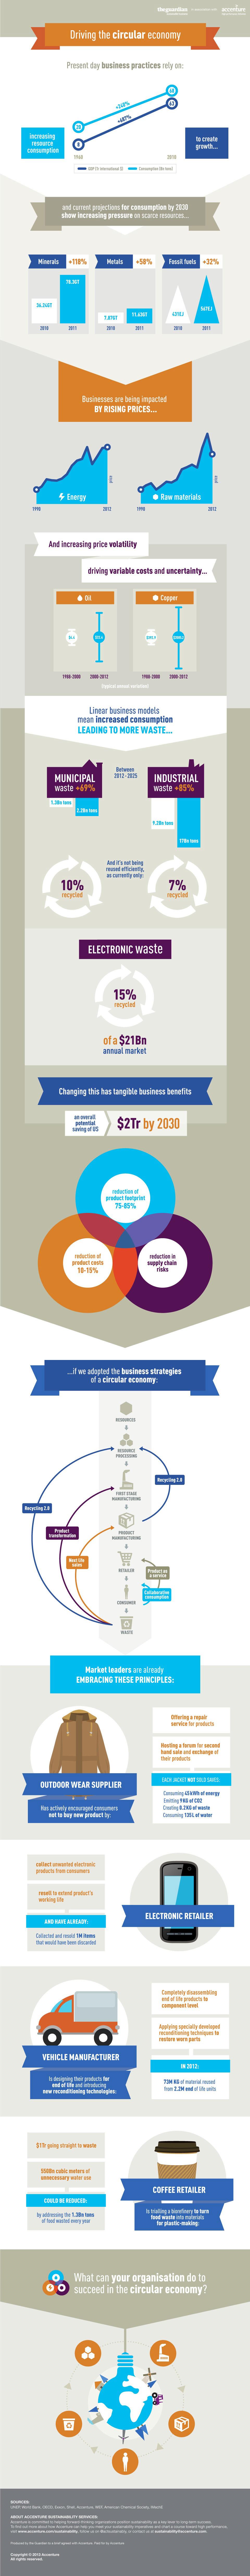 Une infographie sur l'économie circulaire réalisée par The Gardian